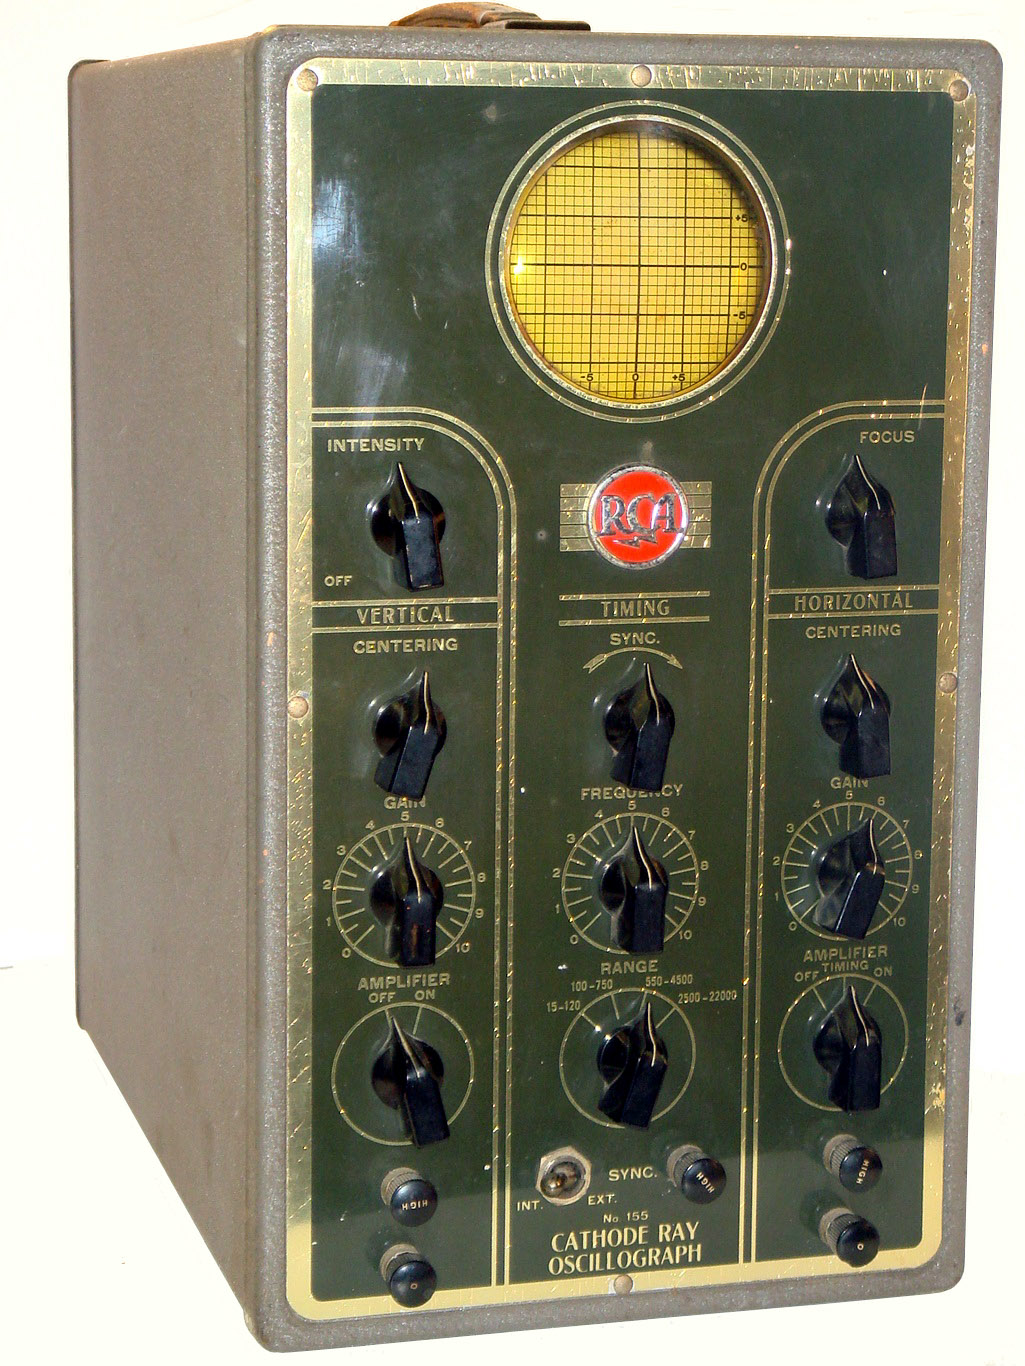 Old Ge Test Instruments : Vintage electronic test equipment amateur girls strip